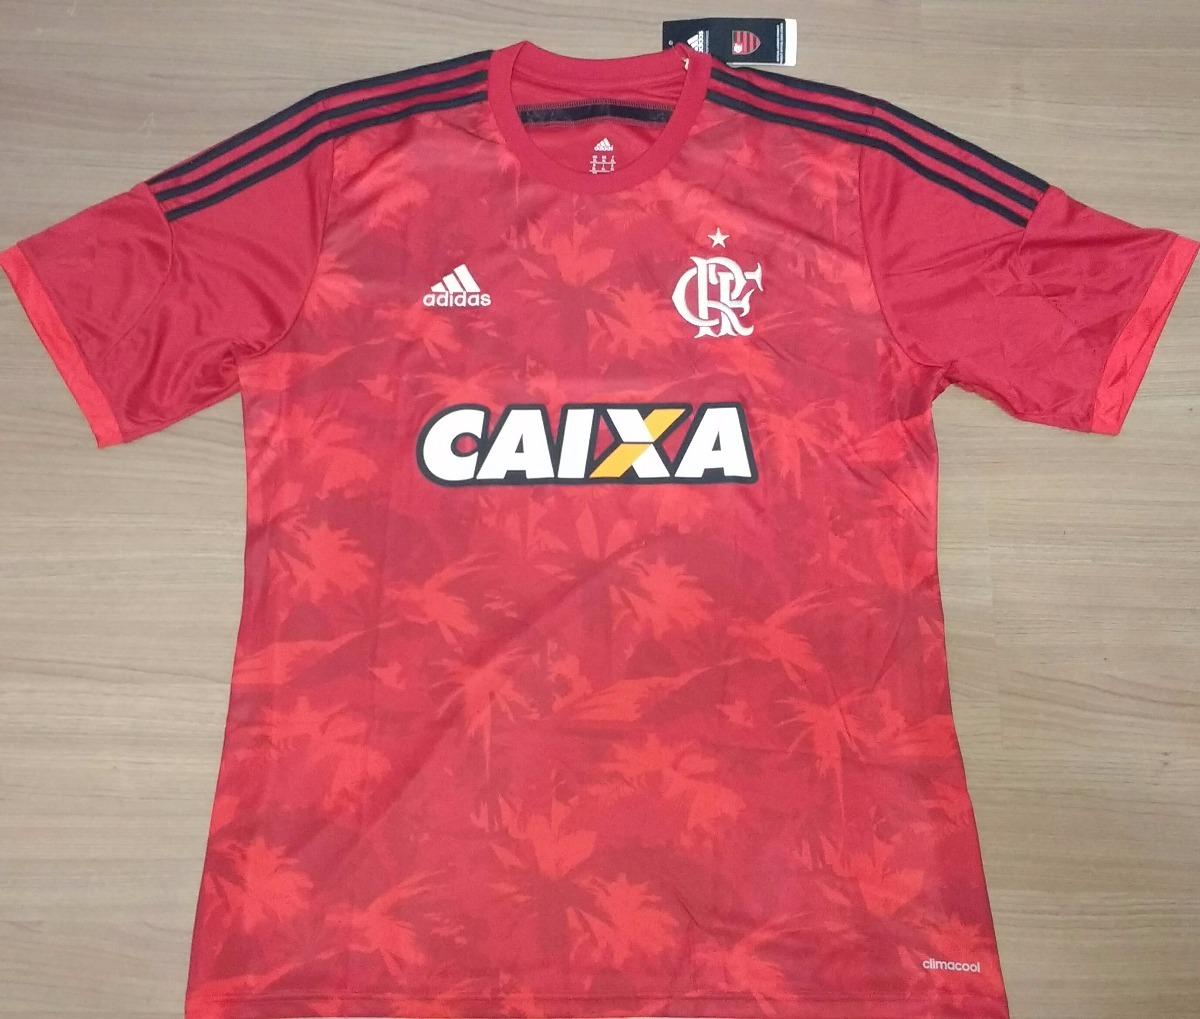 6af46ff79b Camisa Flamengo 2014 Fauna E Flora Original adidas - 18 - R  249